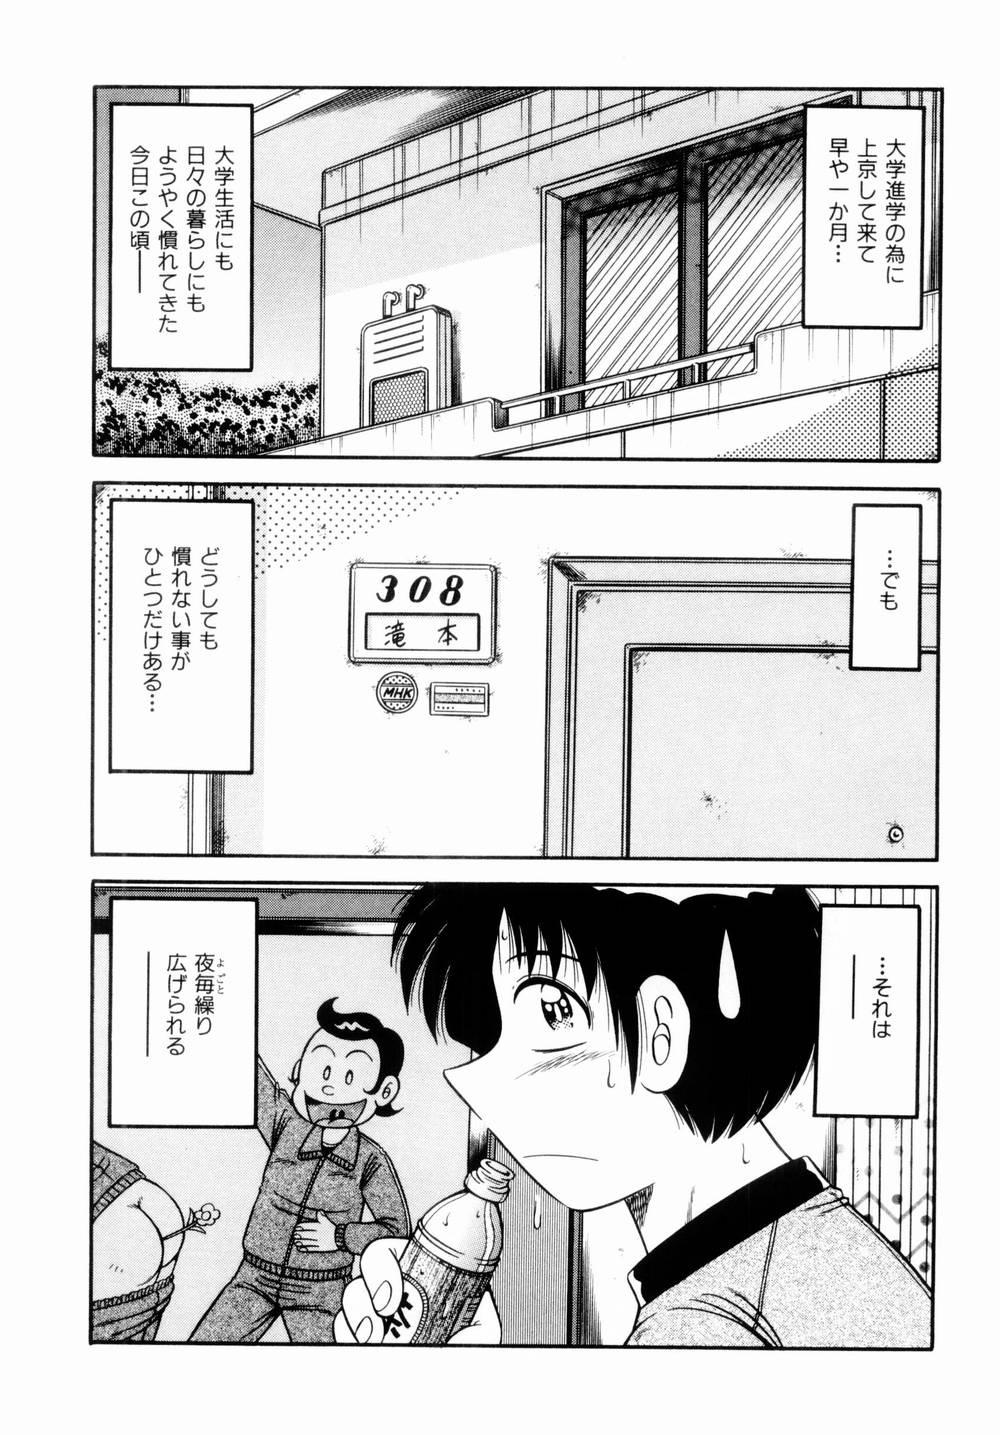 Misshitsu no Aventure 26